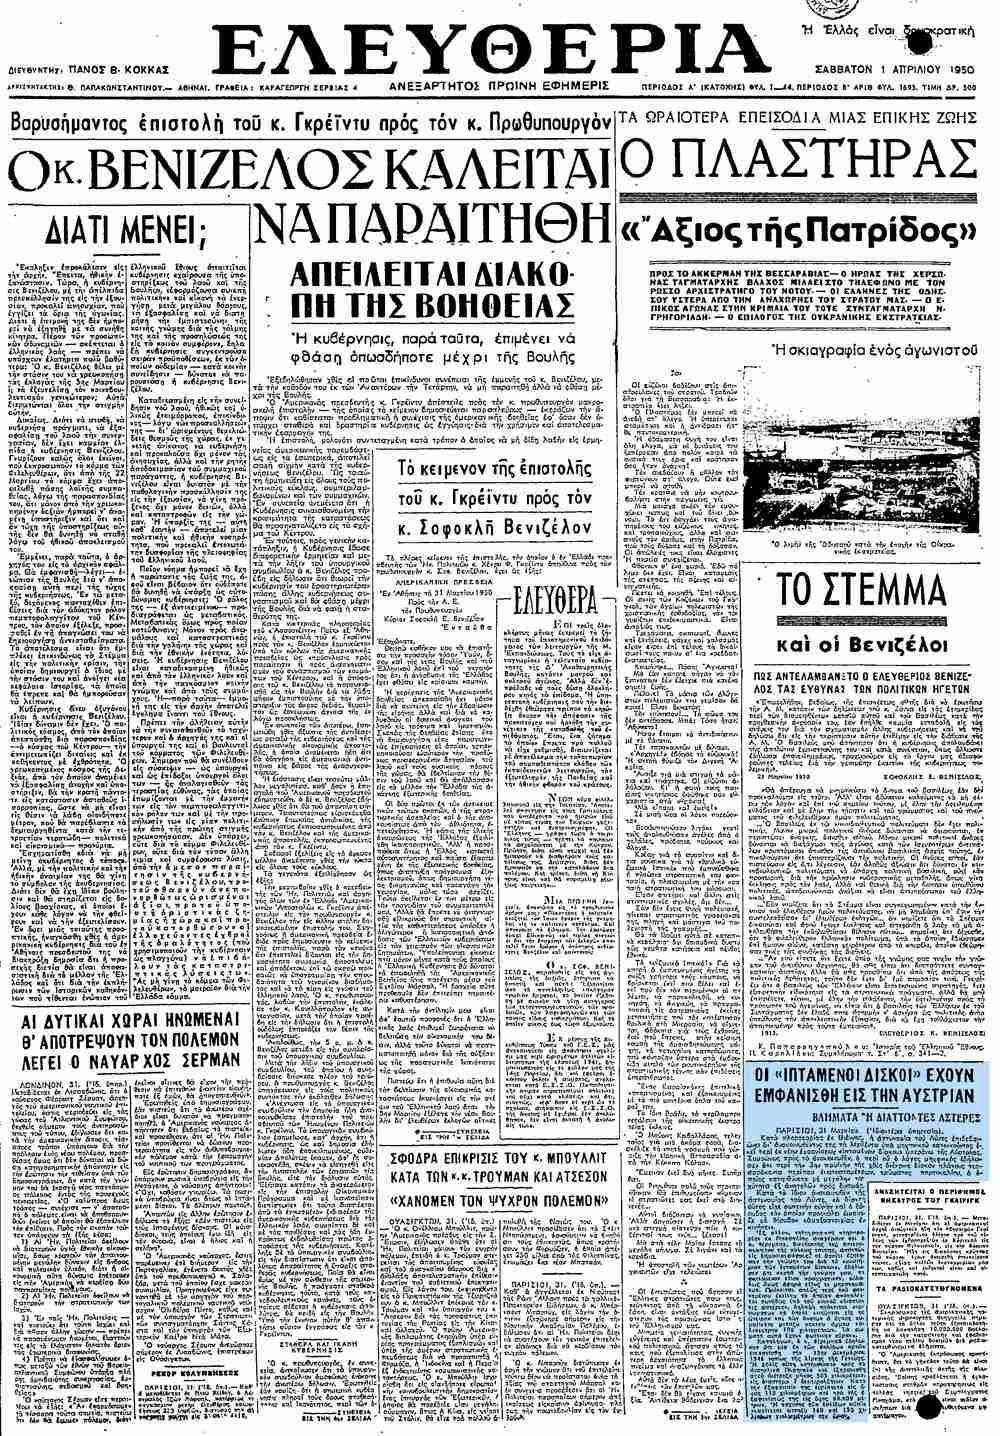 """Το άρθρο, όπως δημοσιεύθηκε στην εφημερίδα """"ΕΛΕΥΘΕΡΙΑ"""", στις 01/04/1950"""